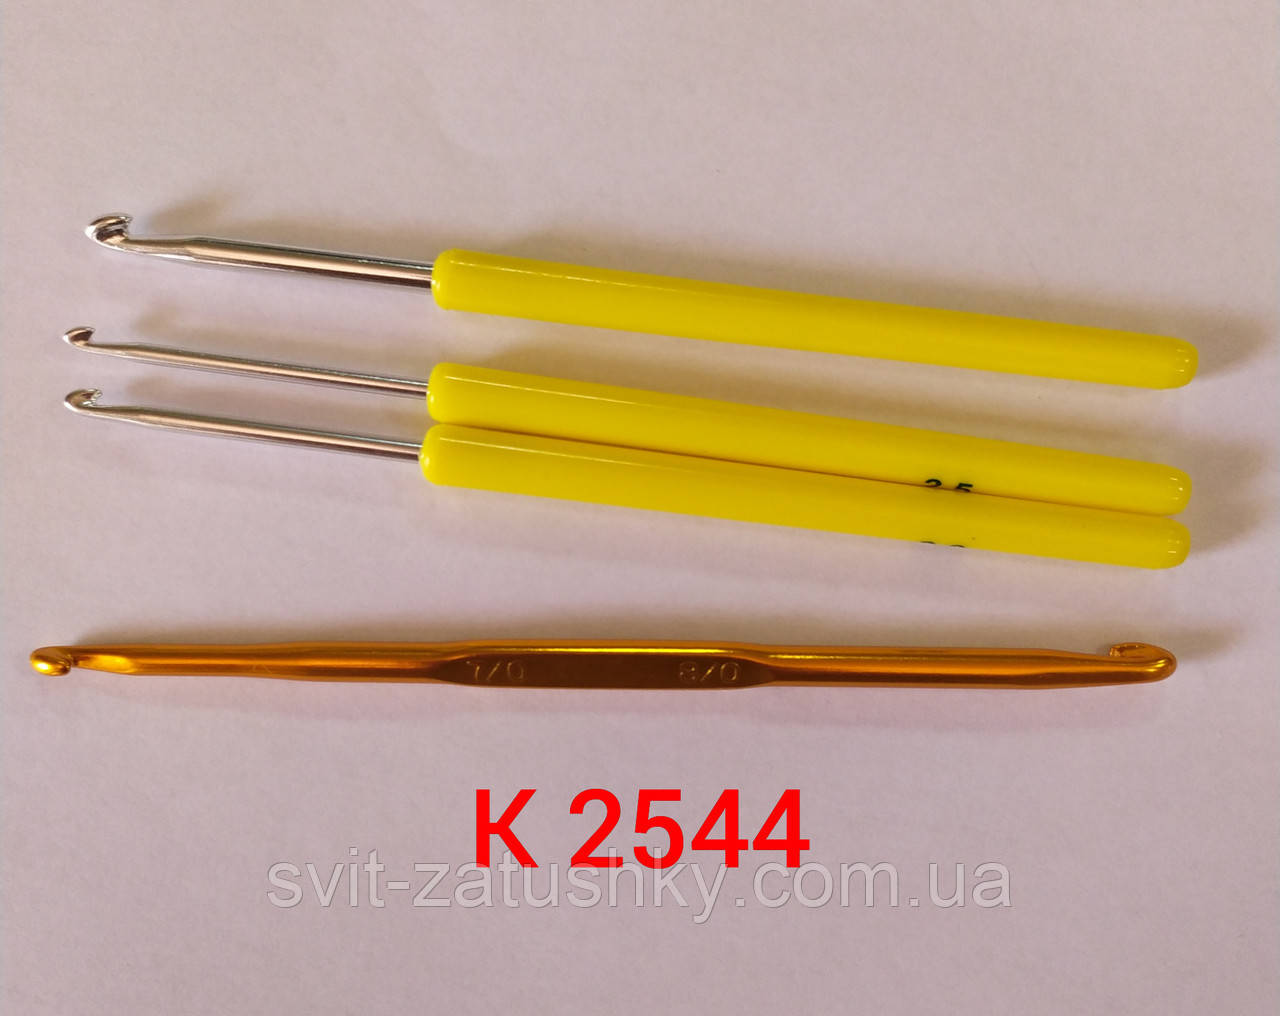 Гачок для в'язання  металевий /Крючок для вязания металический